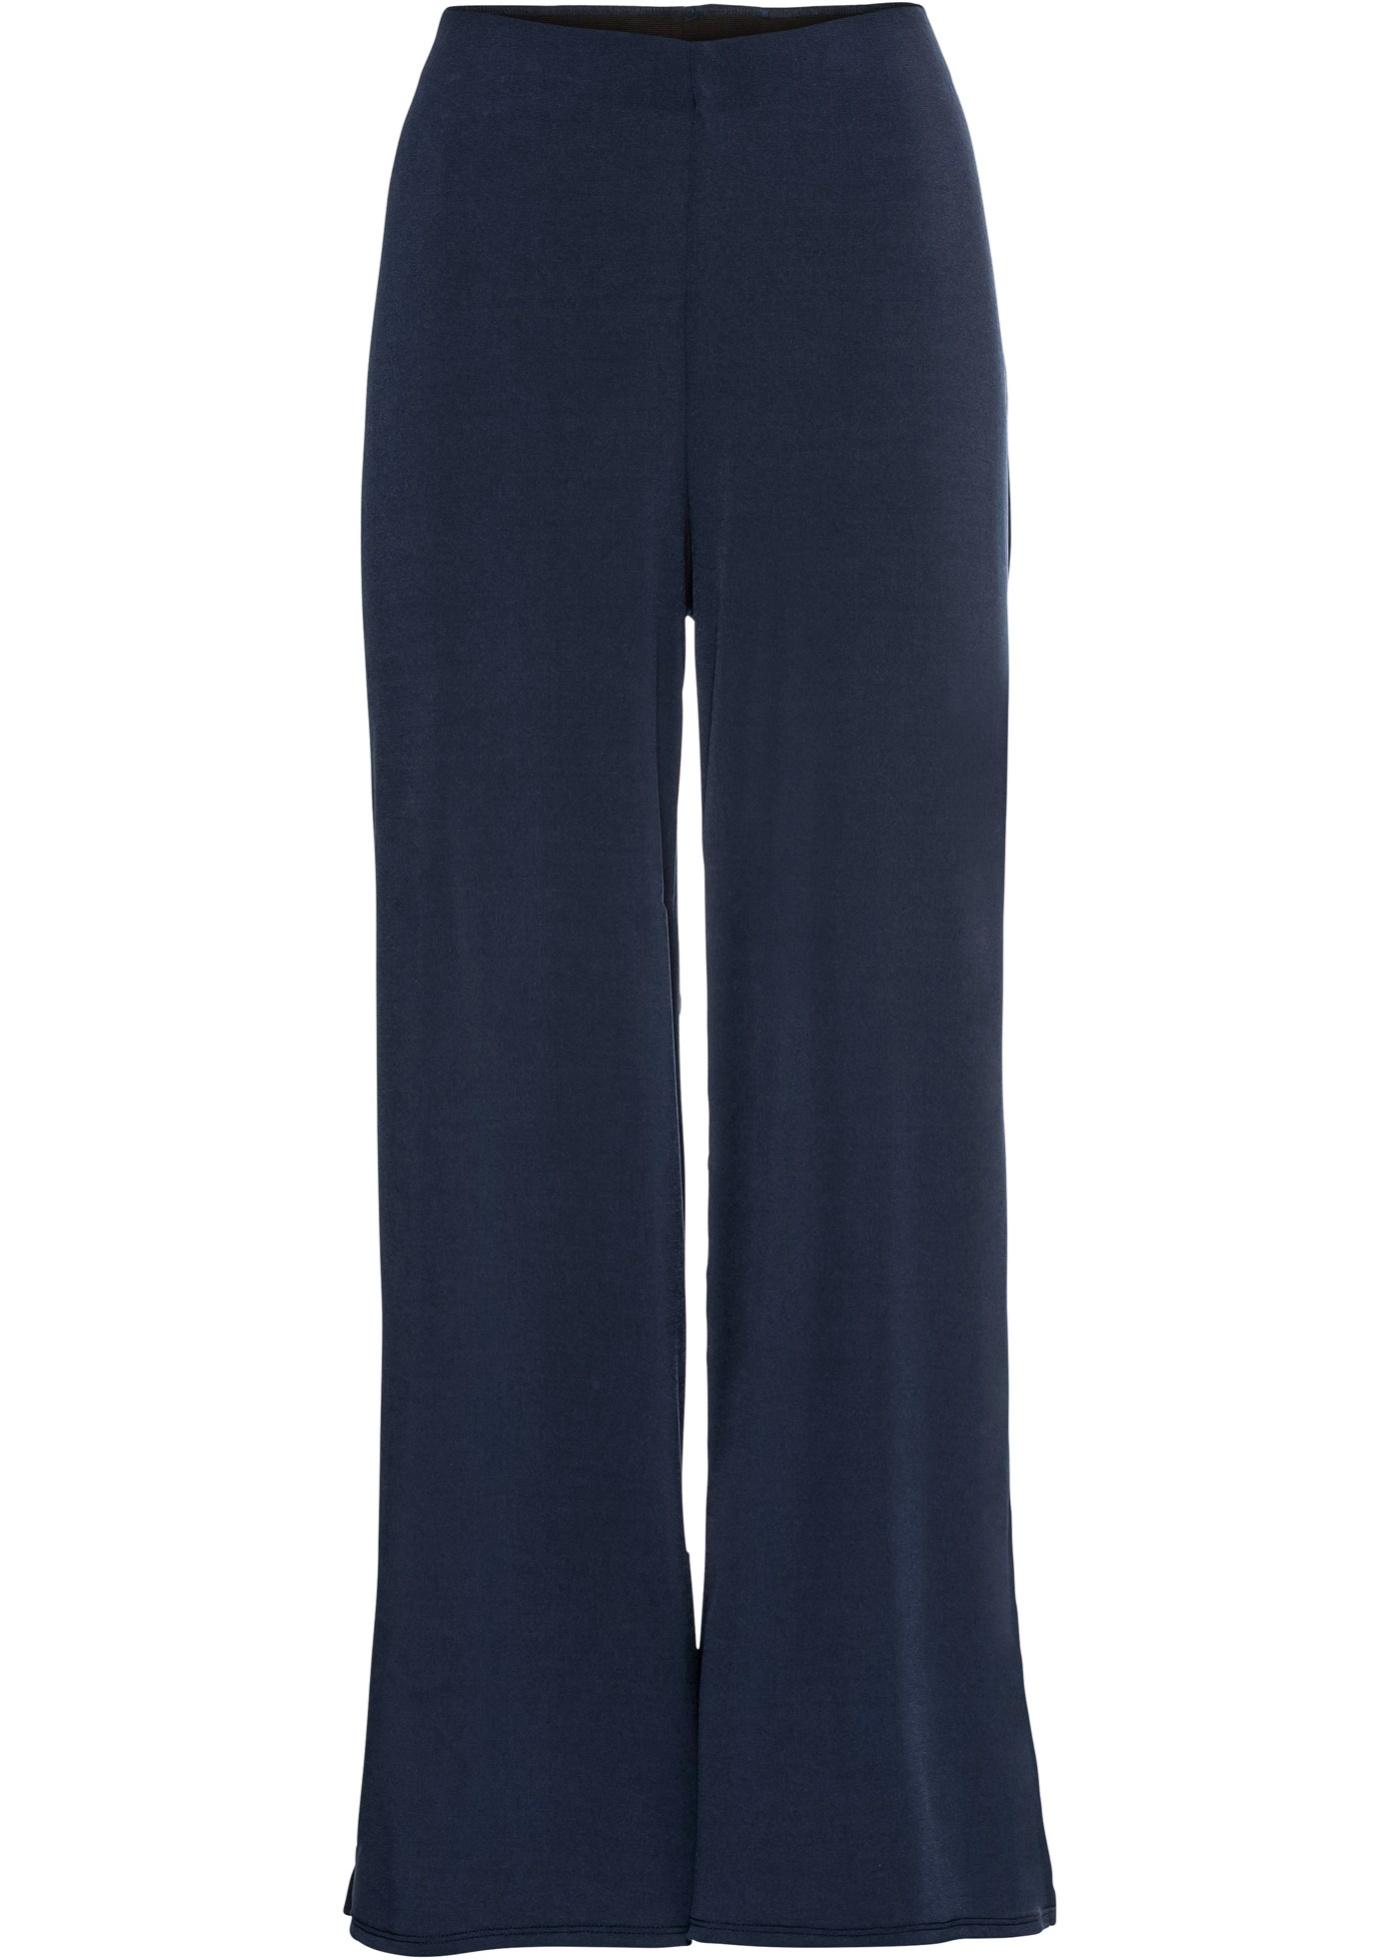 Bilde av 3/4-lang bukse med splitt